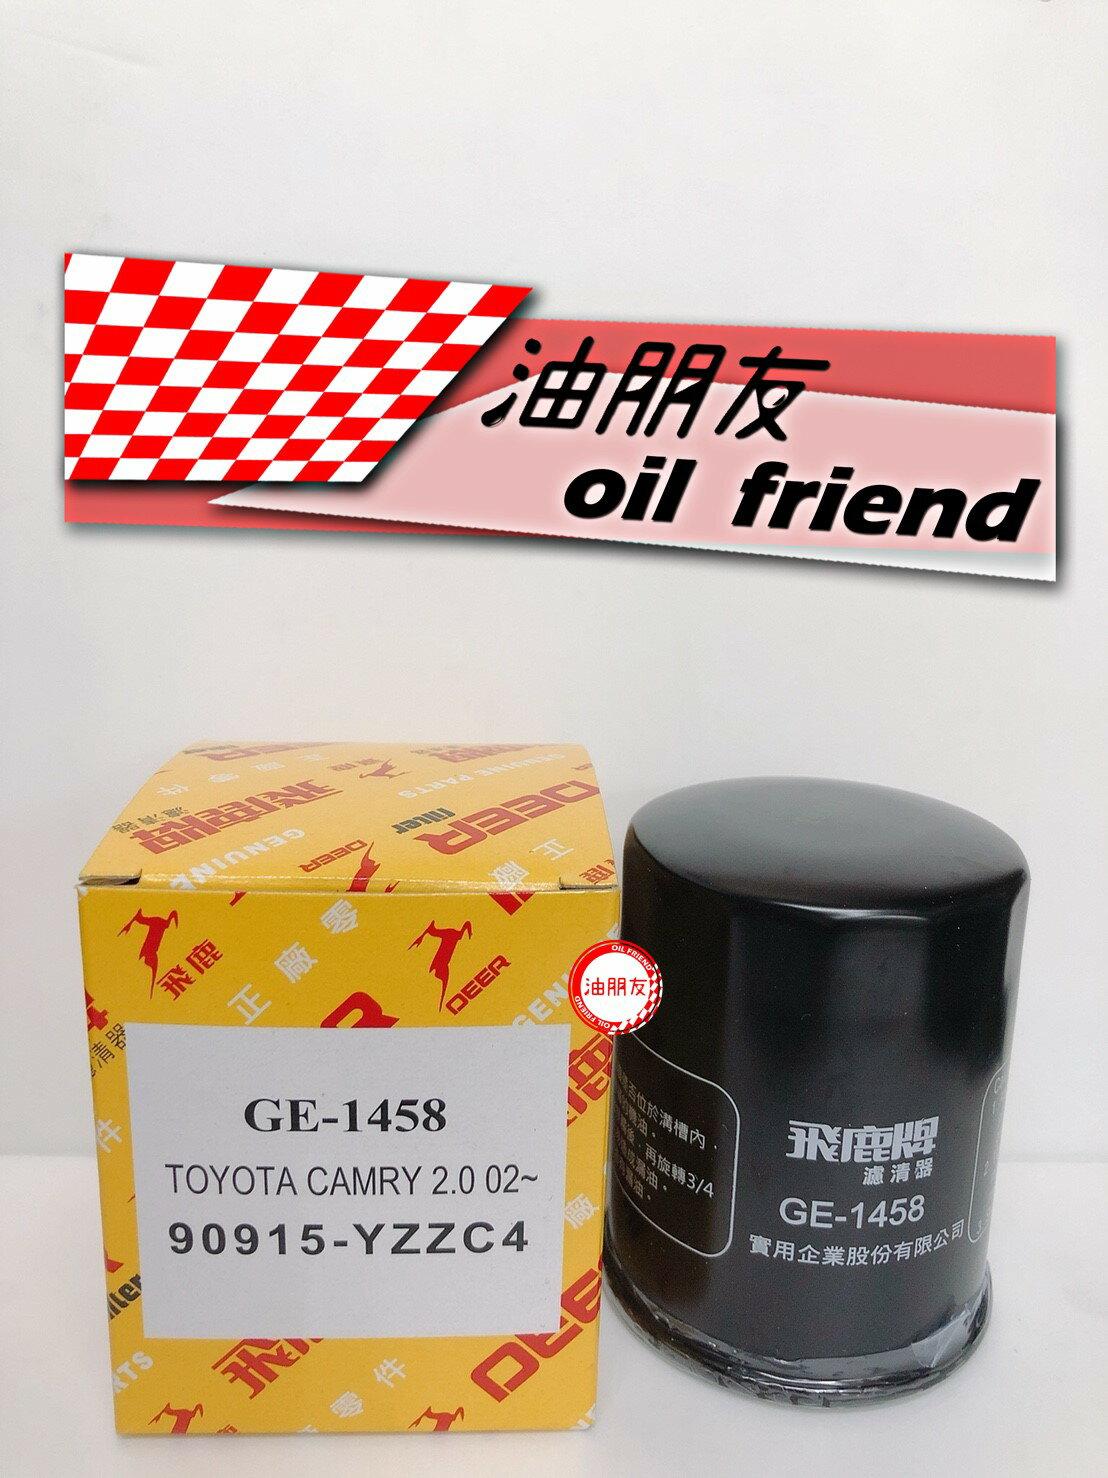 -油朋友-   豐田 TOYOTA CAMRY 2.0 02-06 GE-1458 GE1458 飛鹿 機油芯 機油心